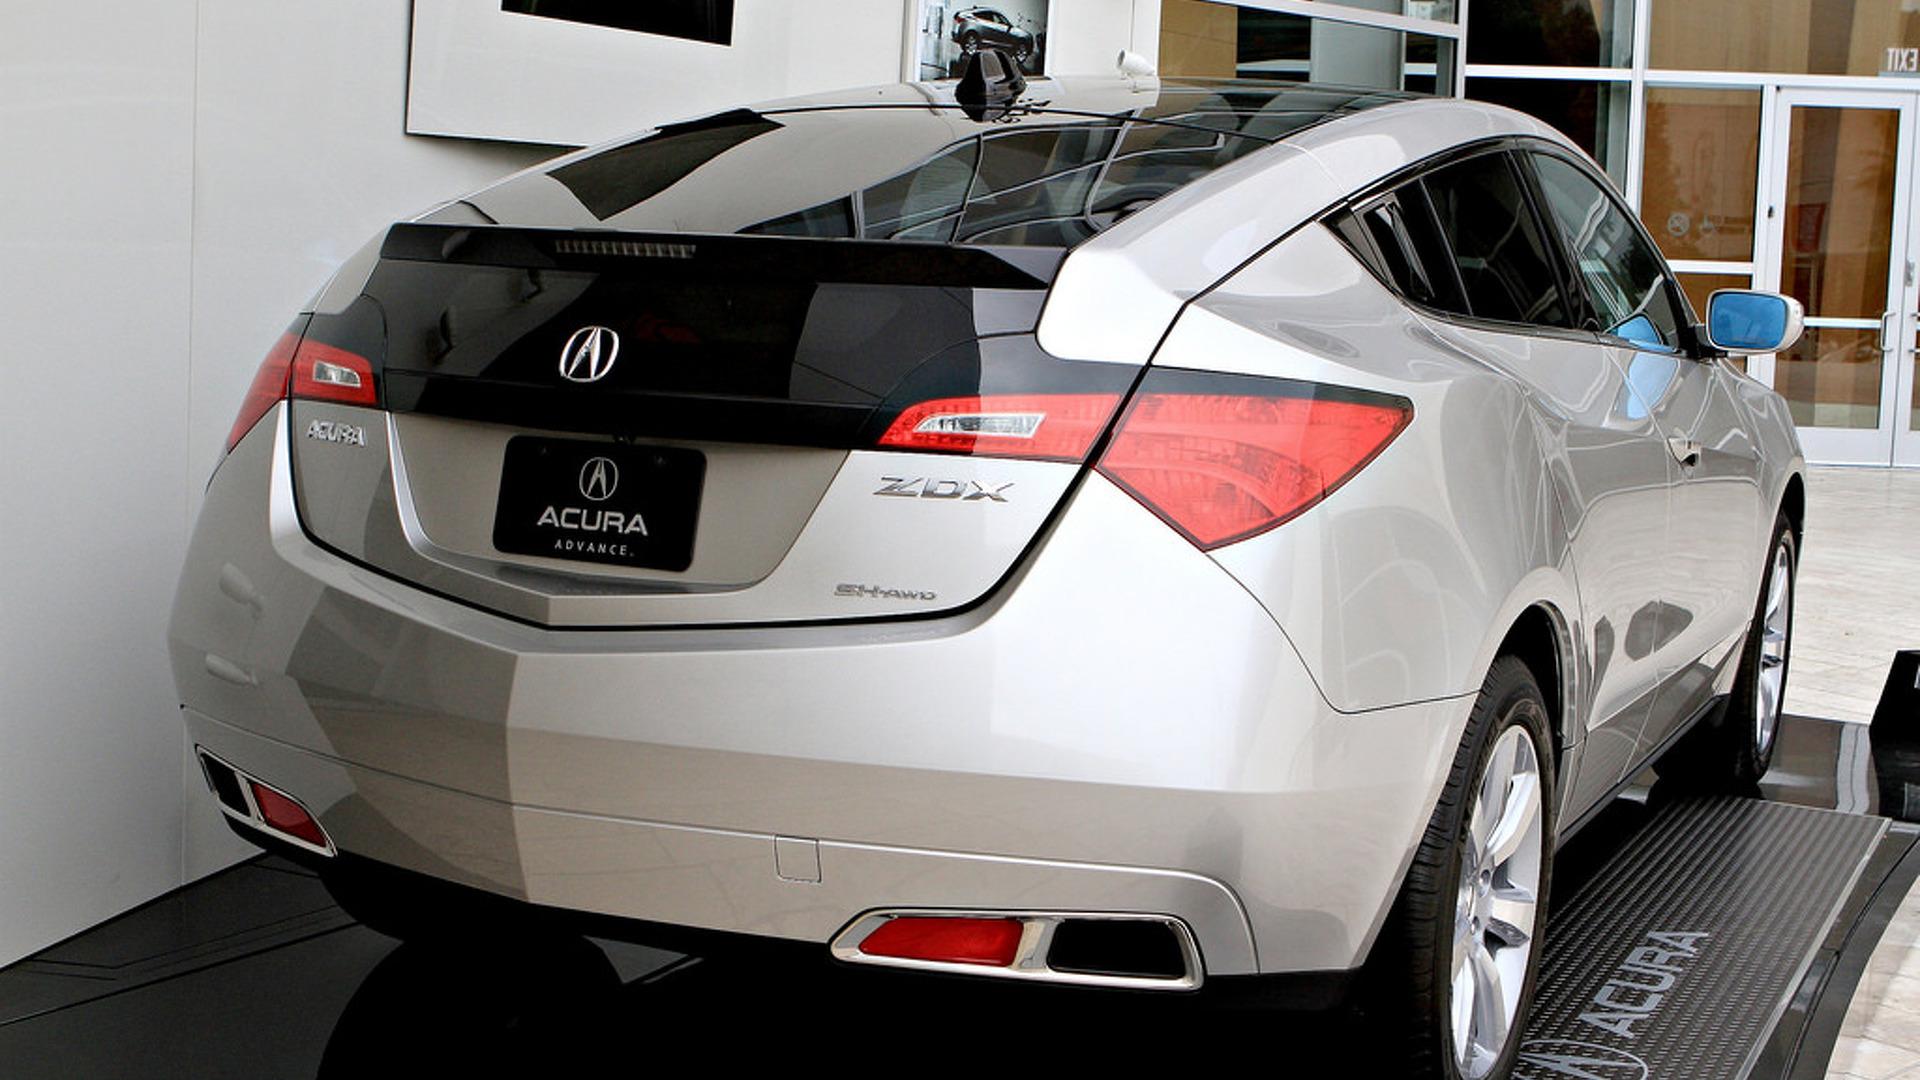 225-mph Noble M600 customer demonstrator car revealed